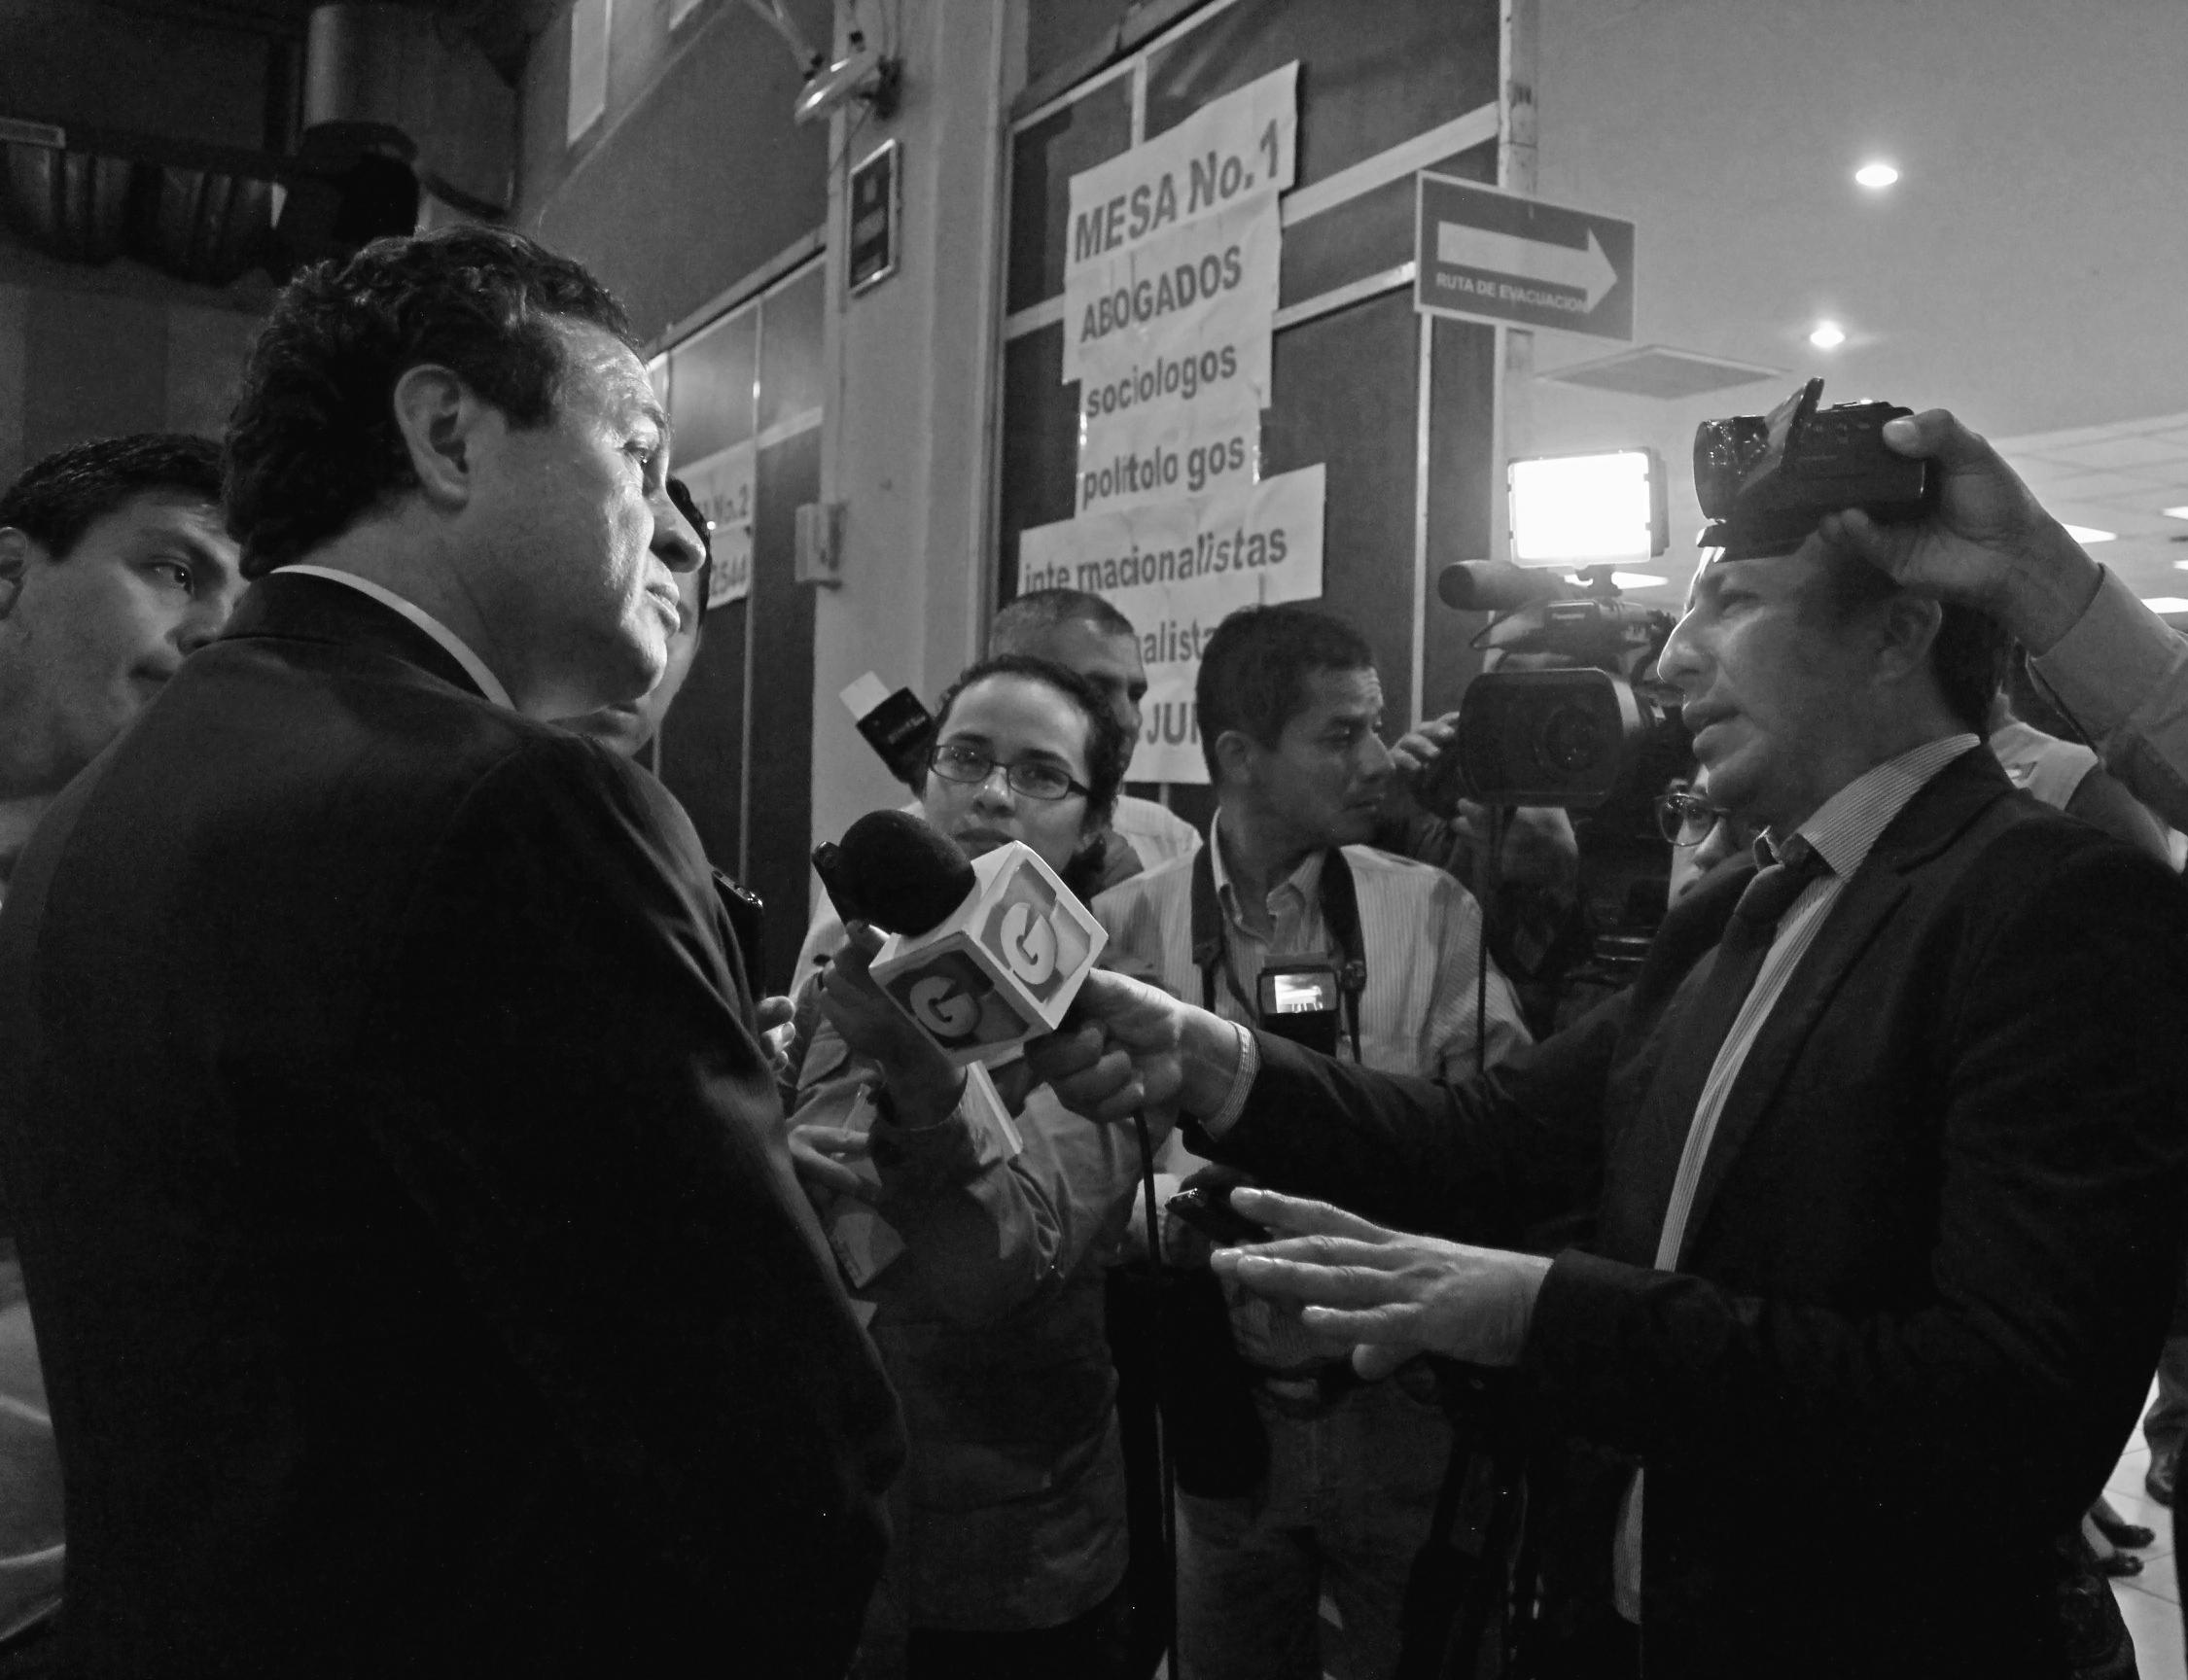 Medios entrevistando a Roberto López Villatoro, conocido como el Rey del Tenis. Foto: Lucía Rivera